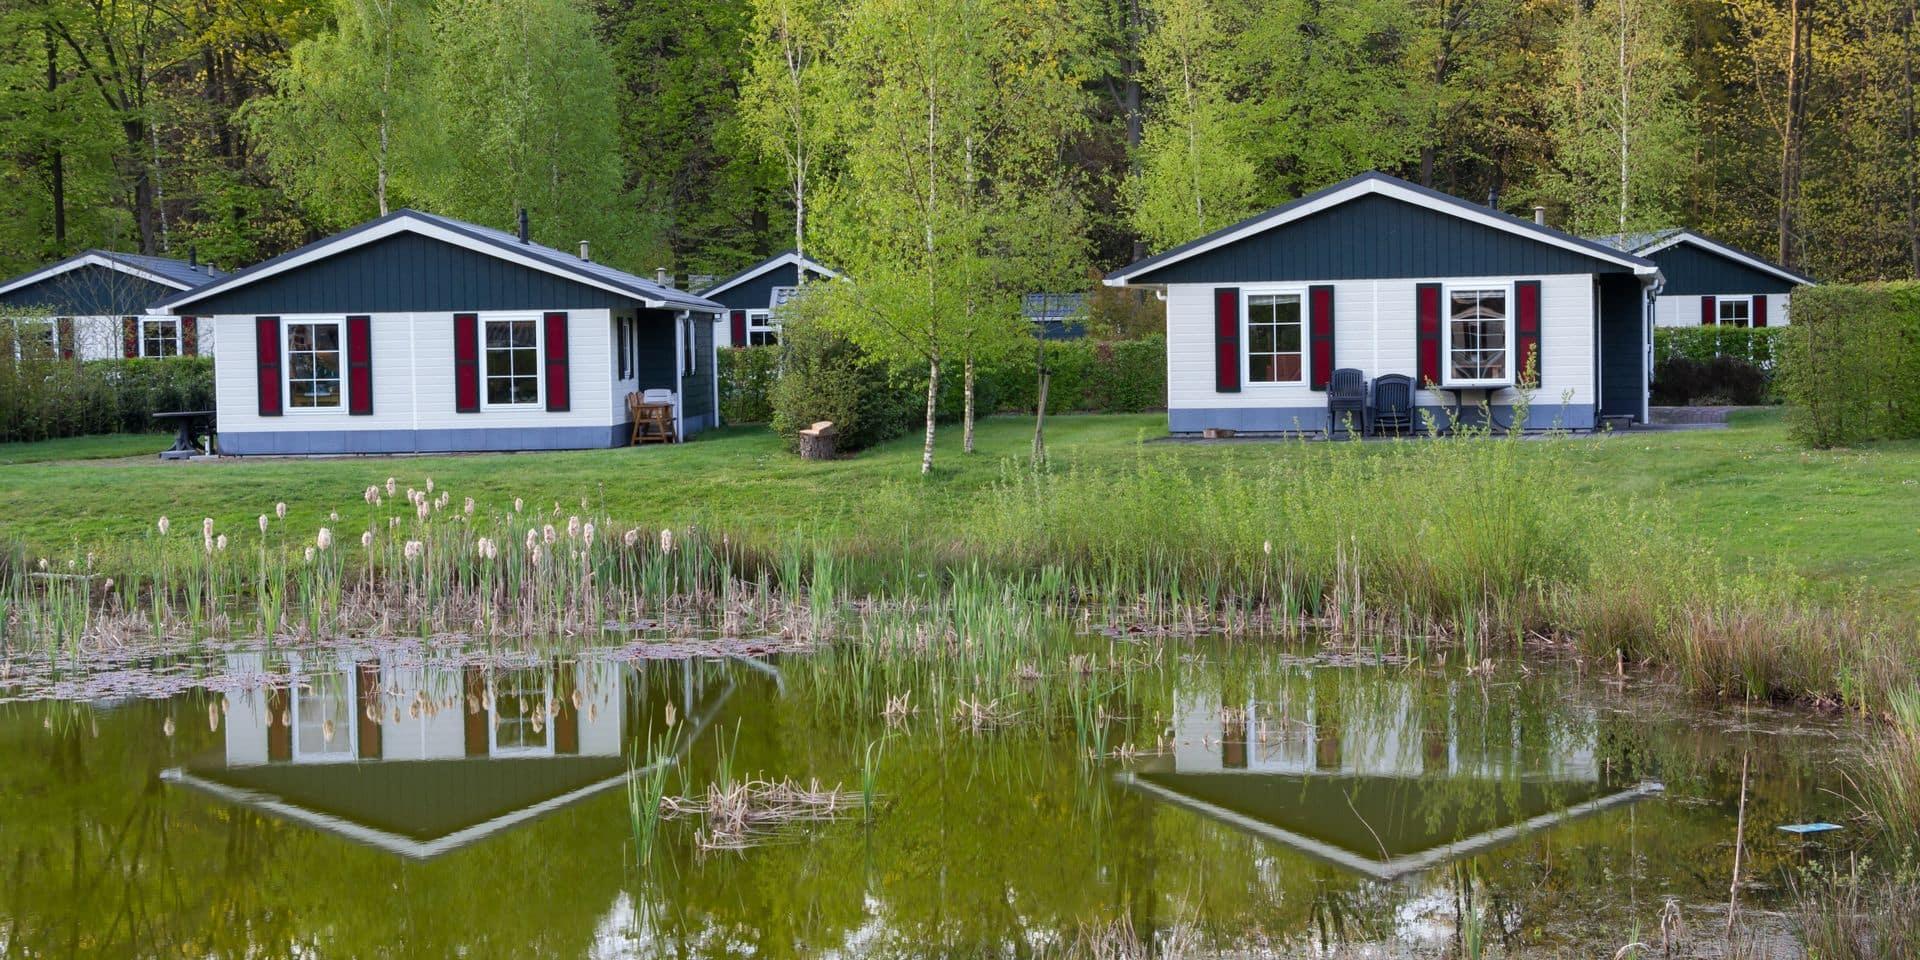 Les campings et parcs de vacances rouvrent leurs portes ce lundi, pas encore de pic de réservations